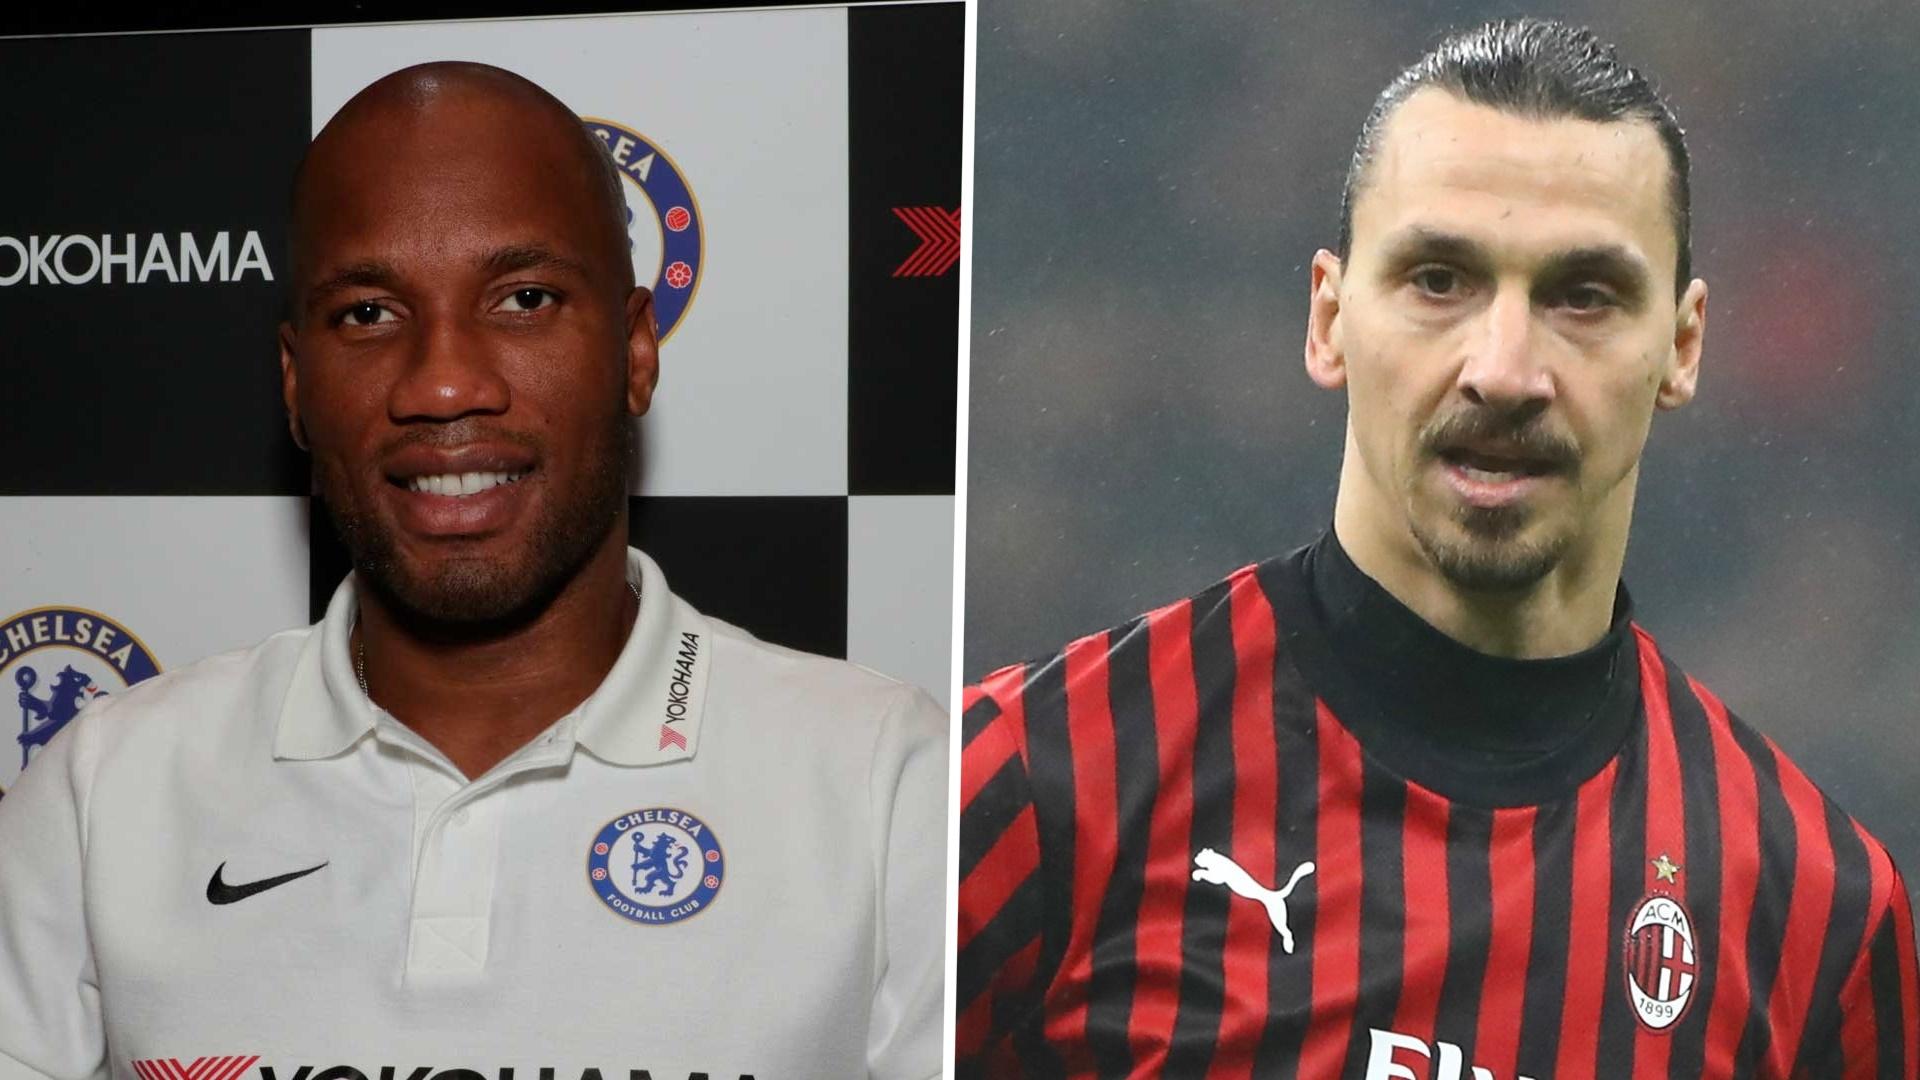 Didier Drogba vs Zlatan Ibrahimovic: Who was the greater player?